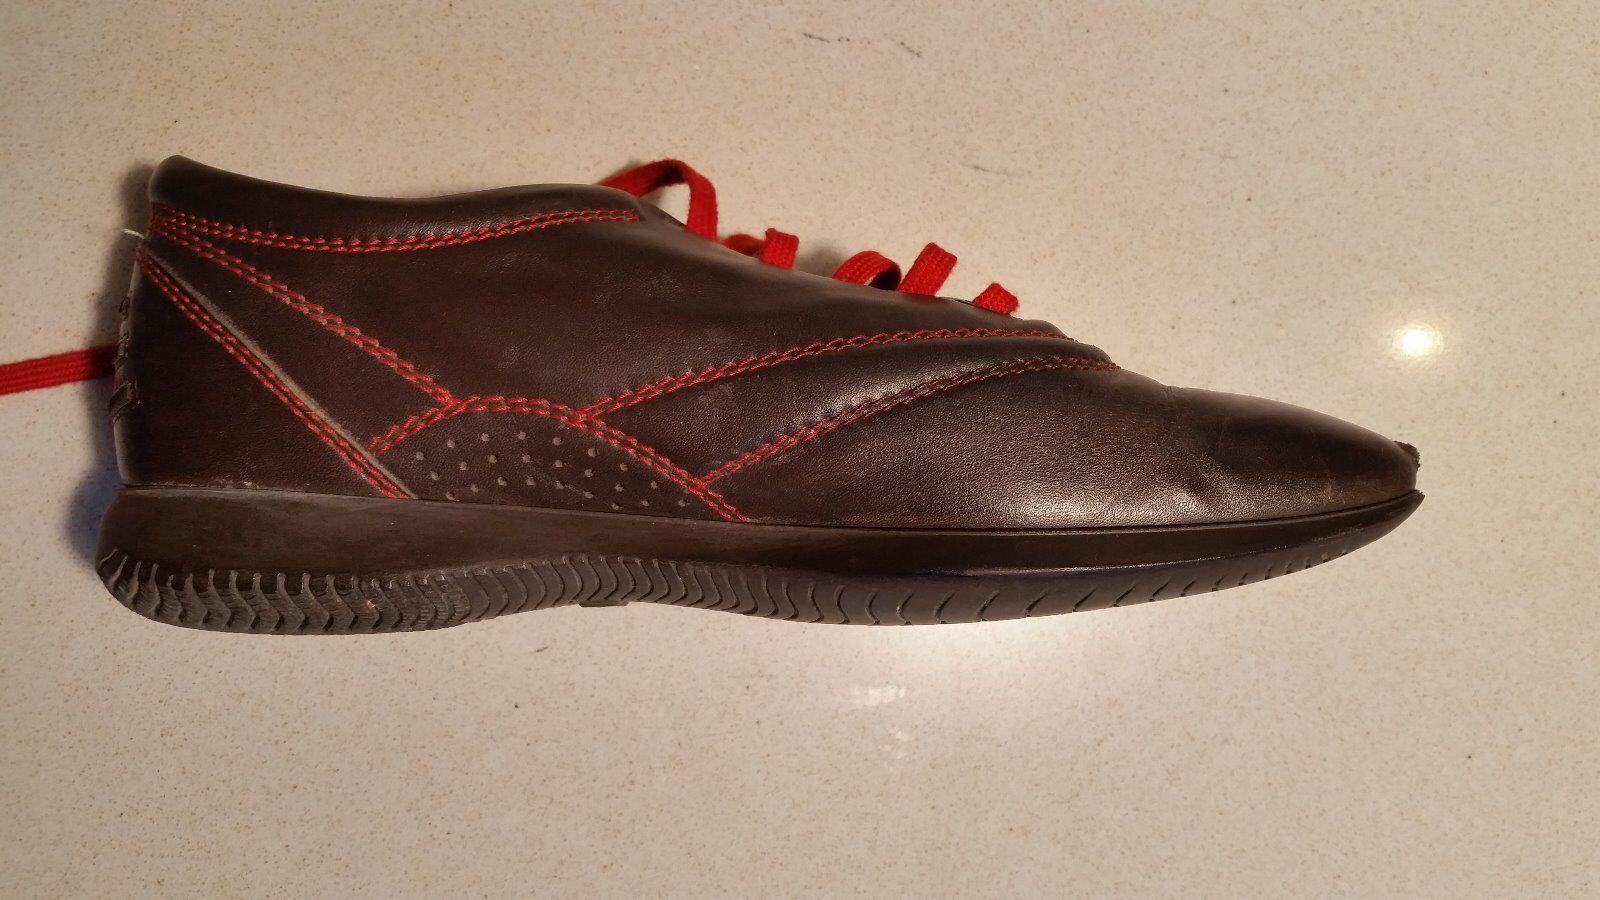 Recortes de precios estacionales, beneficios de descuento Hogan's (Tod's Group) Marrón Cuero Zapatillas/Tenis-en muy buena condición